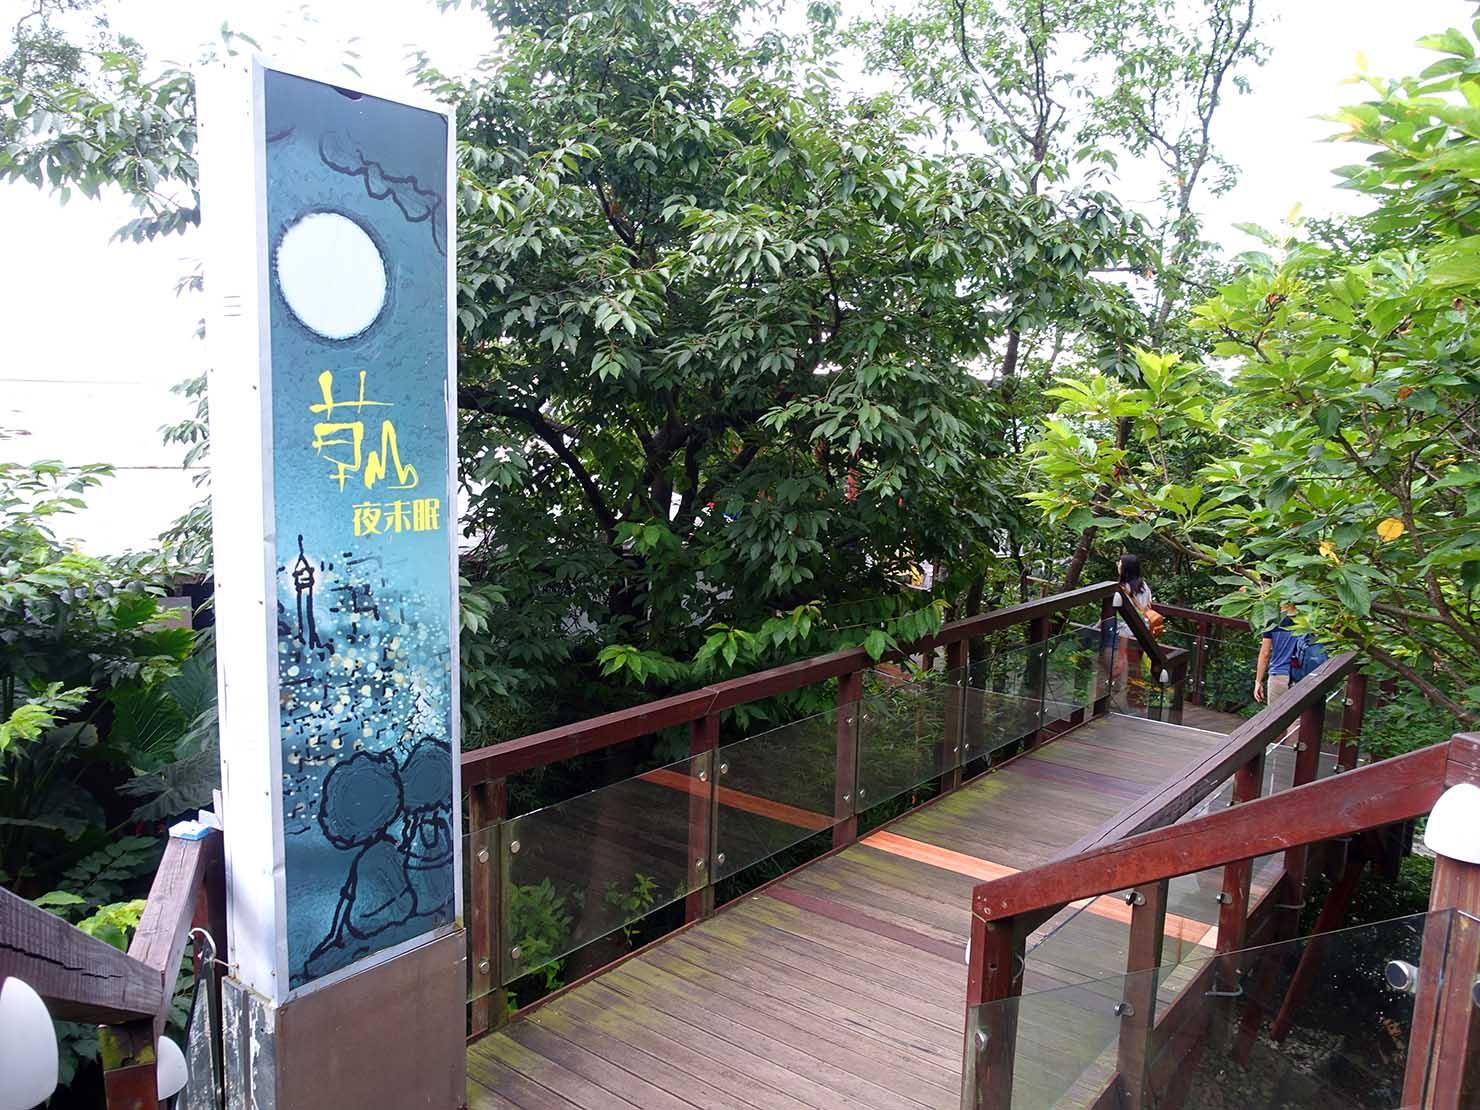 台北・陽明山のレストラン「草山夜未眠」エントランスの木造デッキに立つ看板